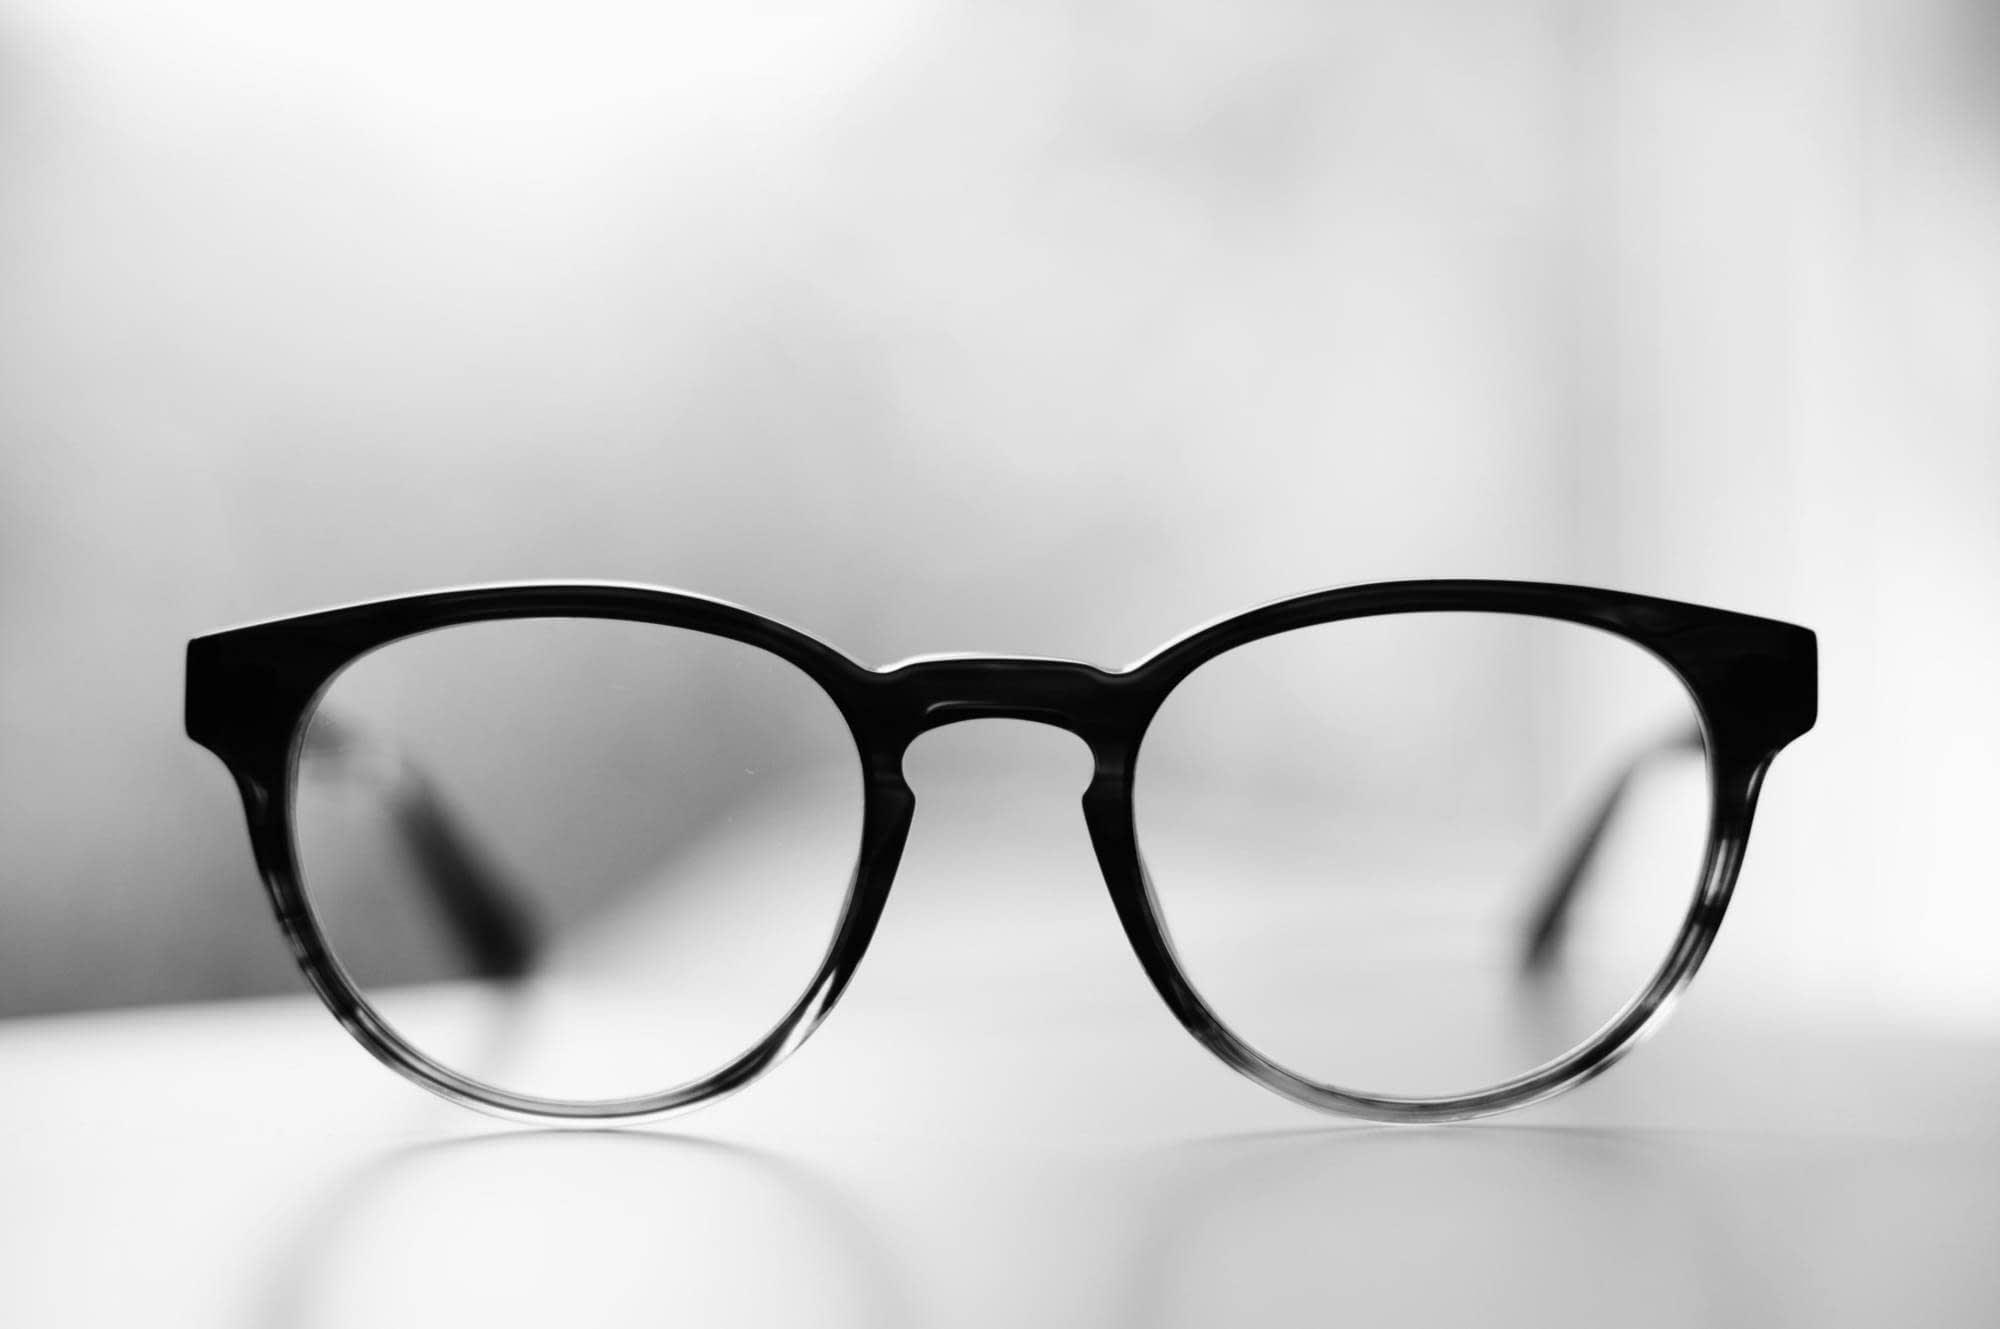 4b0df1c13f Nuevo IVA para gafas graduadas y actividades culturales | Sánchez ...